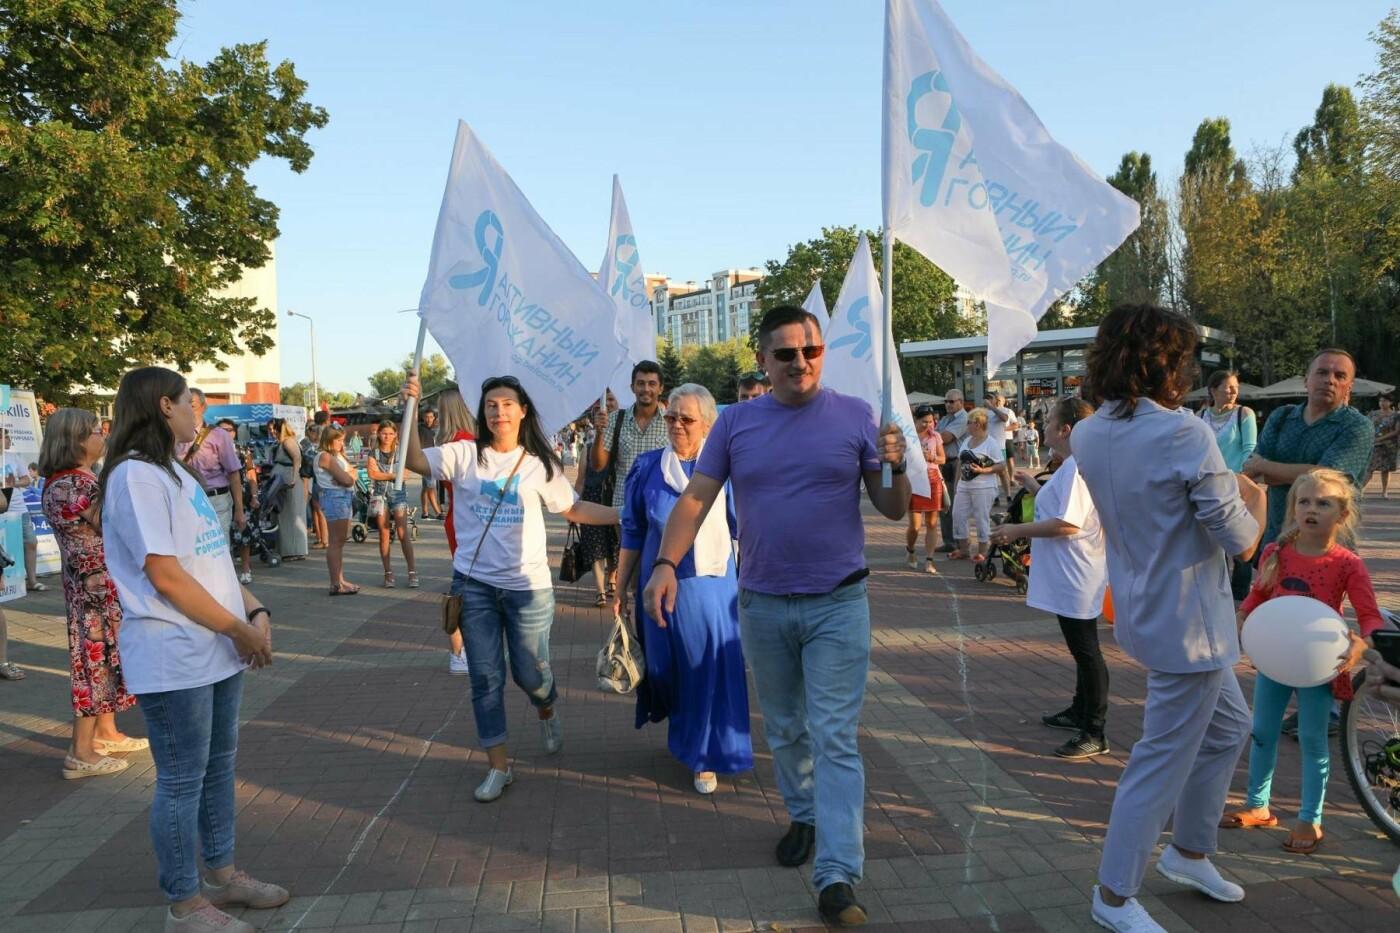 На день рождения «Активного горожанина» пришли сотни гостей, фото-32, Фото Антона Вергуна